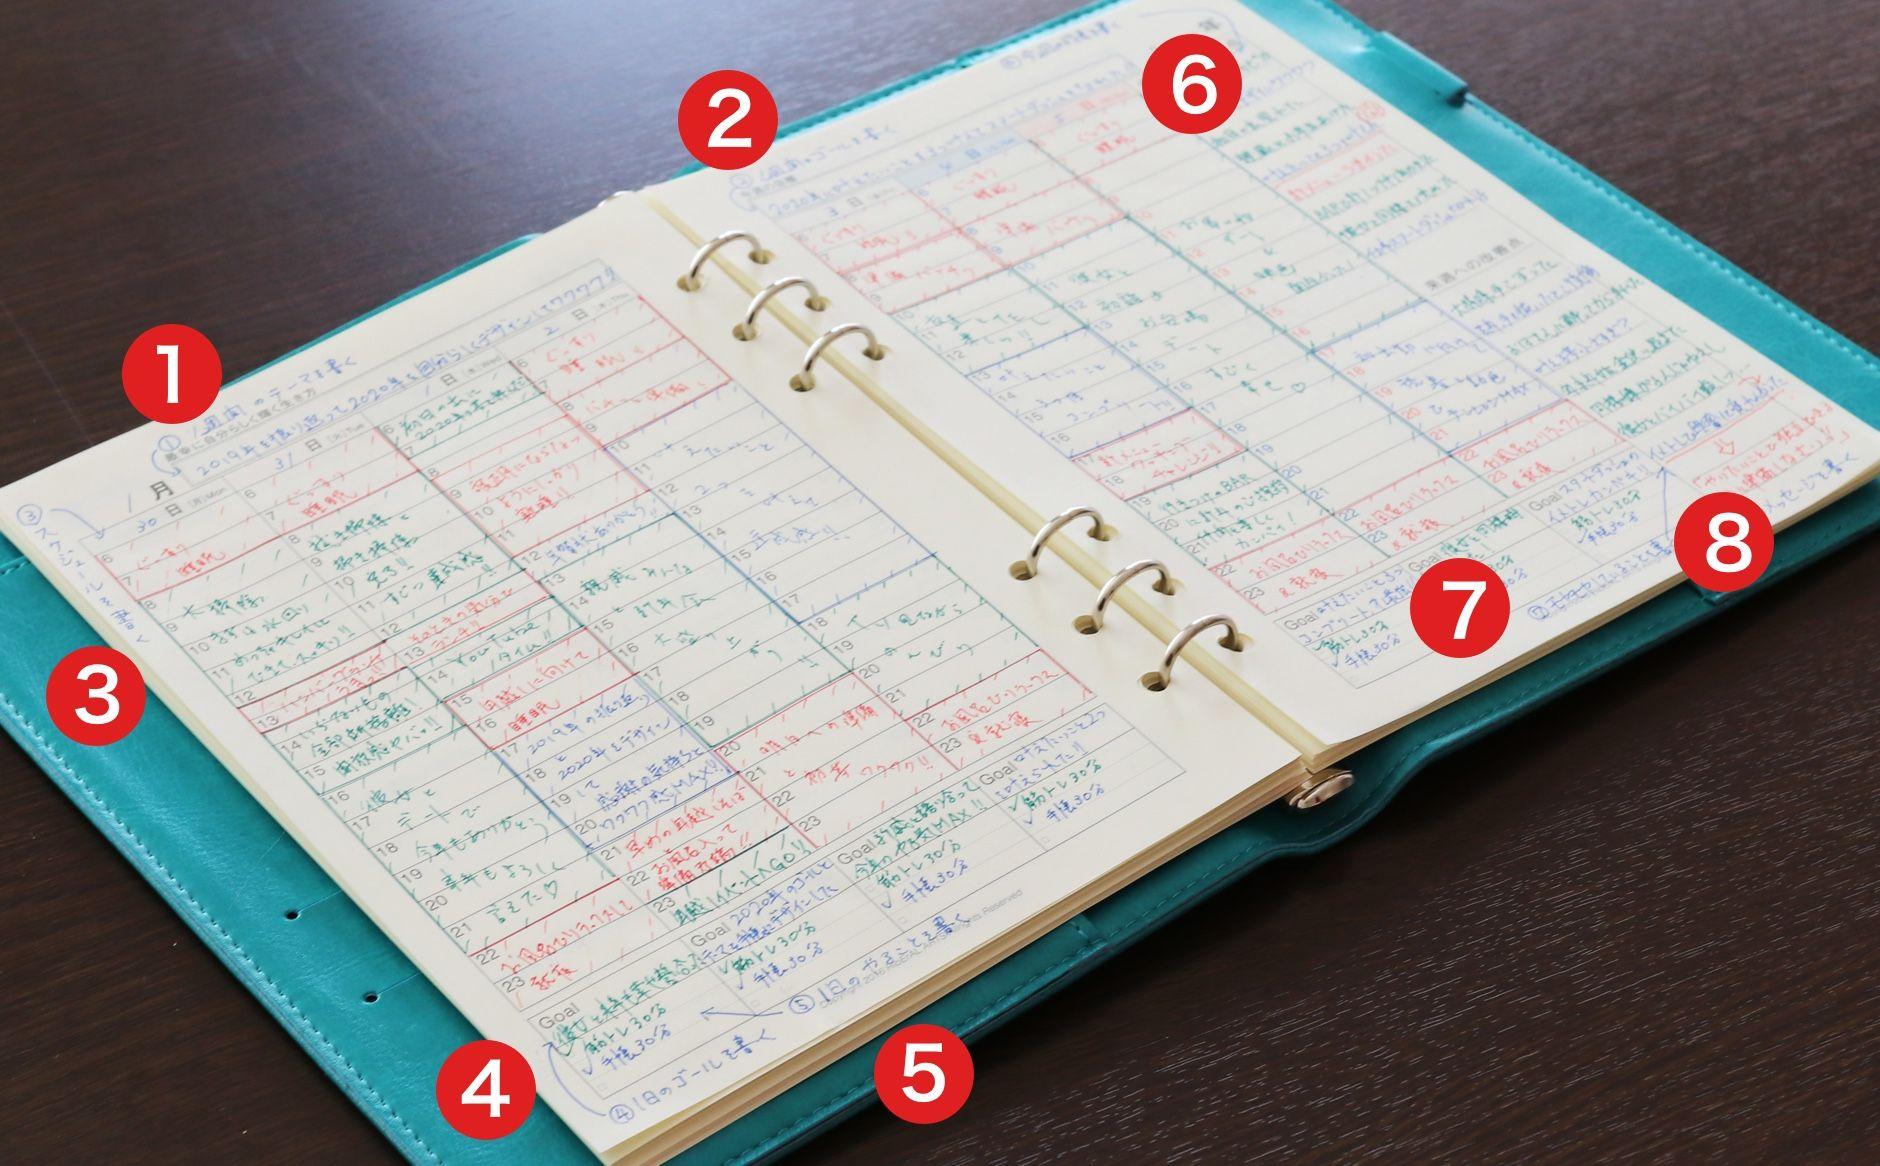 手帳學の手帳の中身の説明